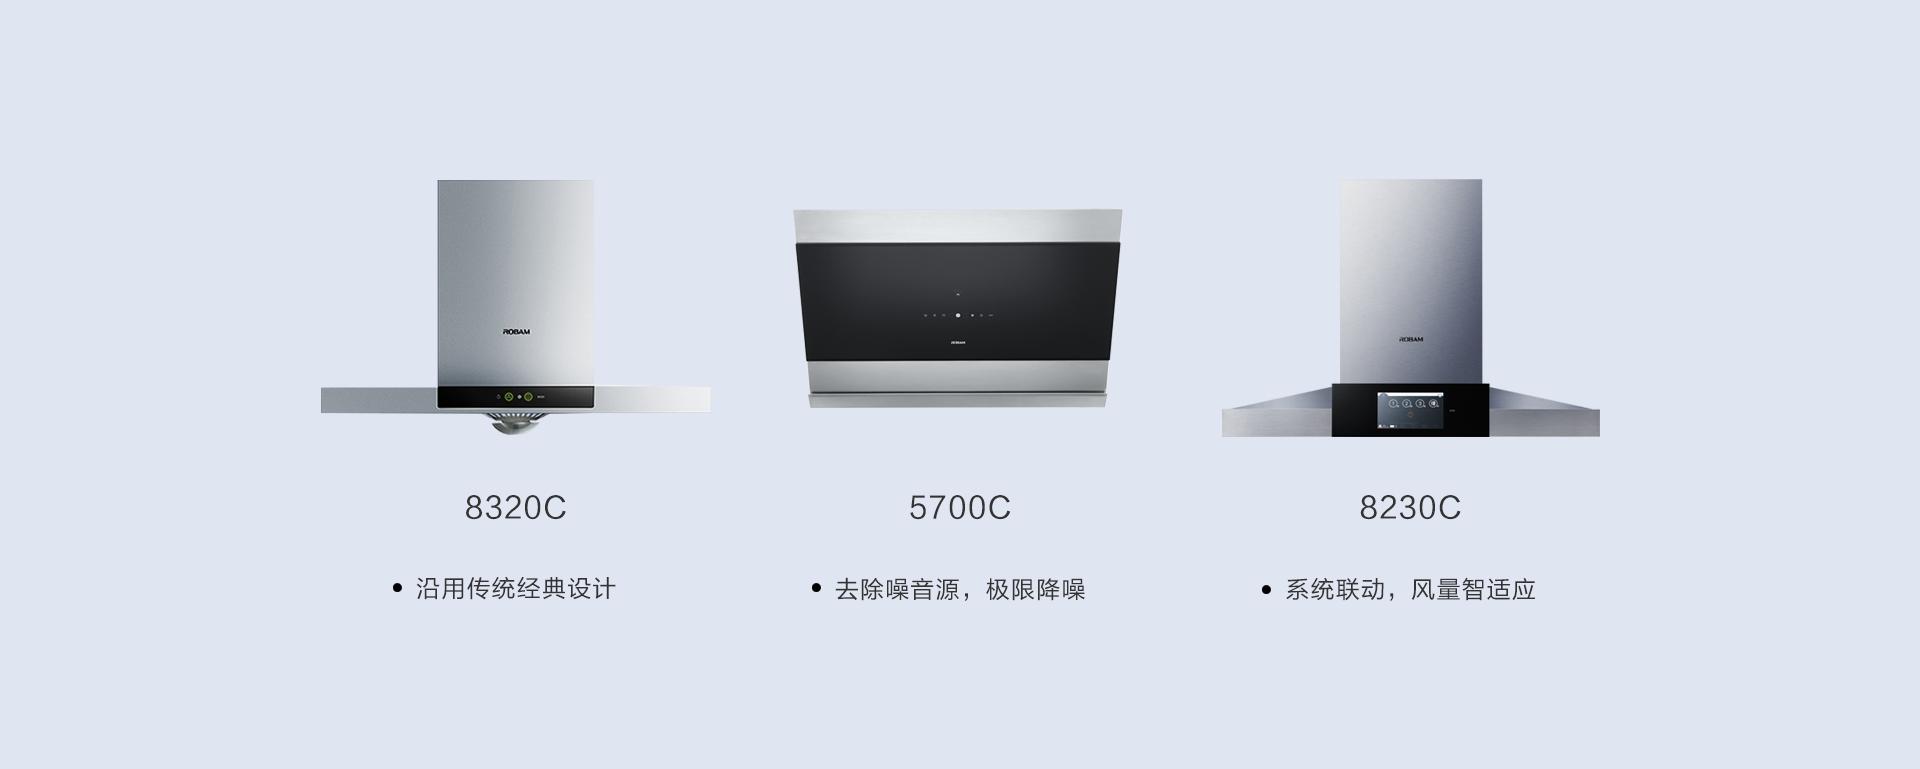 CCS-SLX-100A-详情页-PC端-201225_02.png